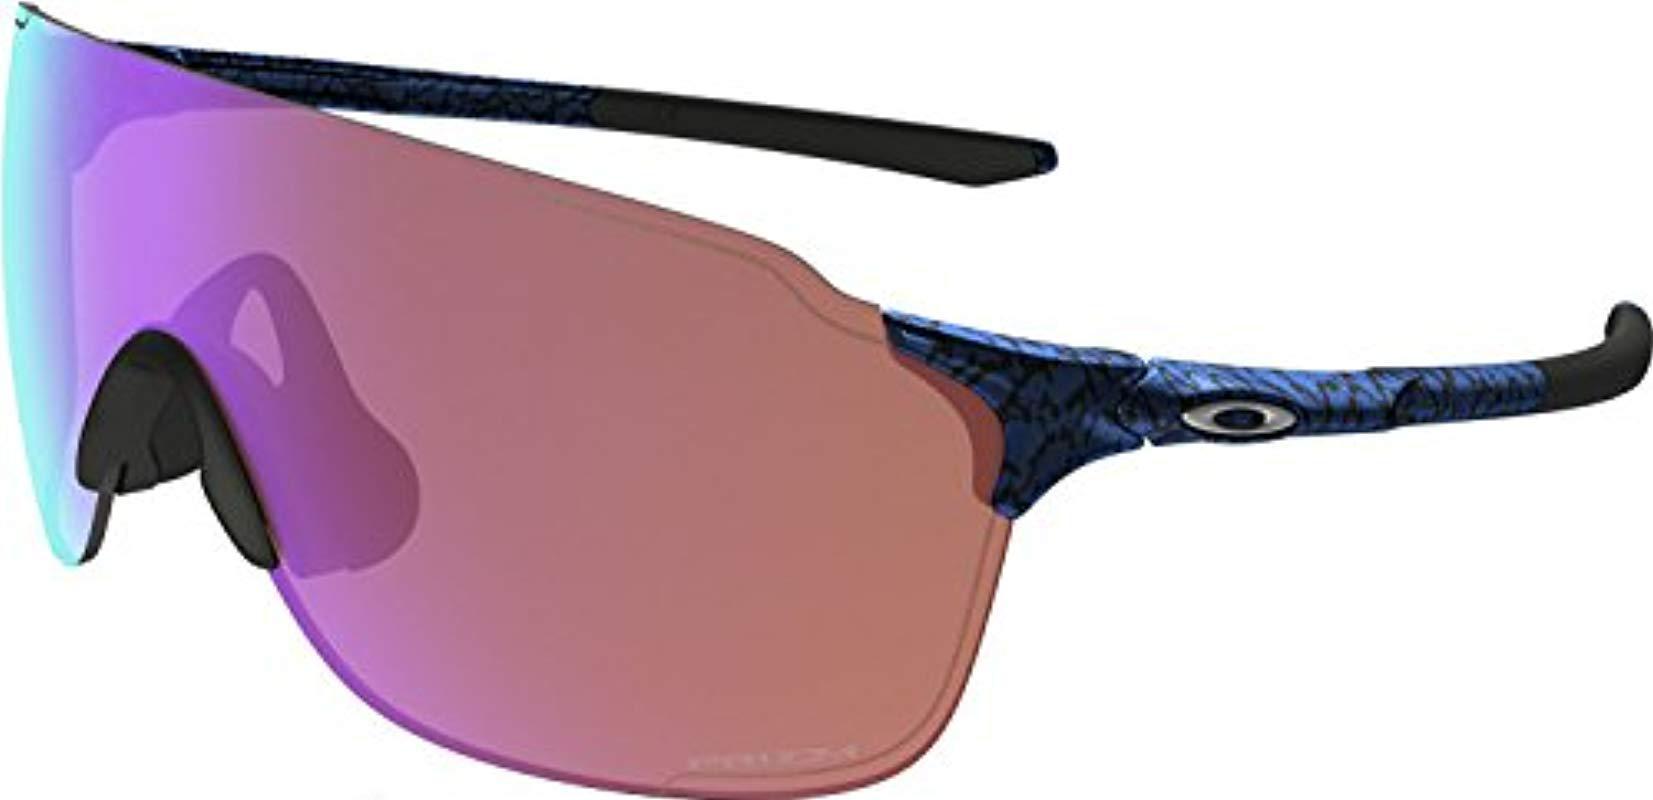 6e9431070a Oakley. Men s Blue Evzero Stride (a) Non-polarized Iridium Rectangular  Sunglasses